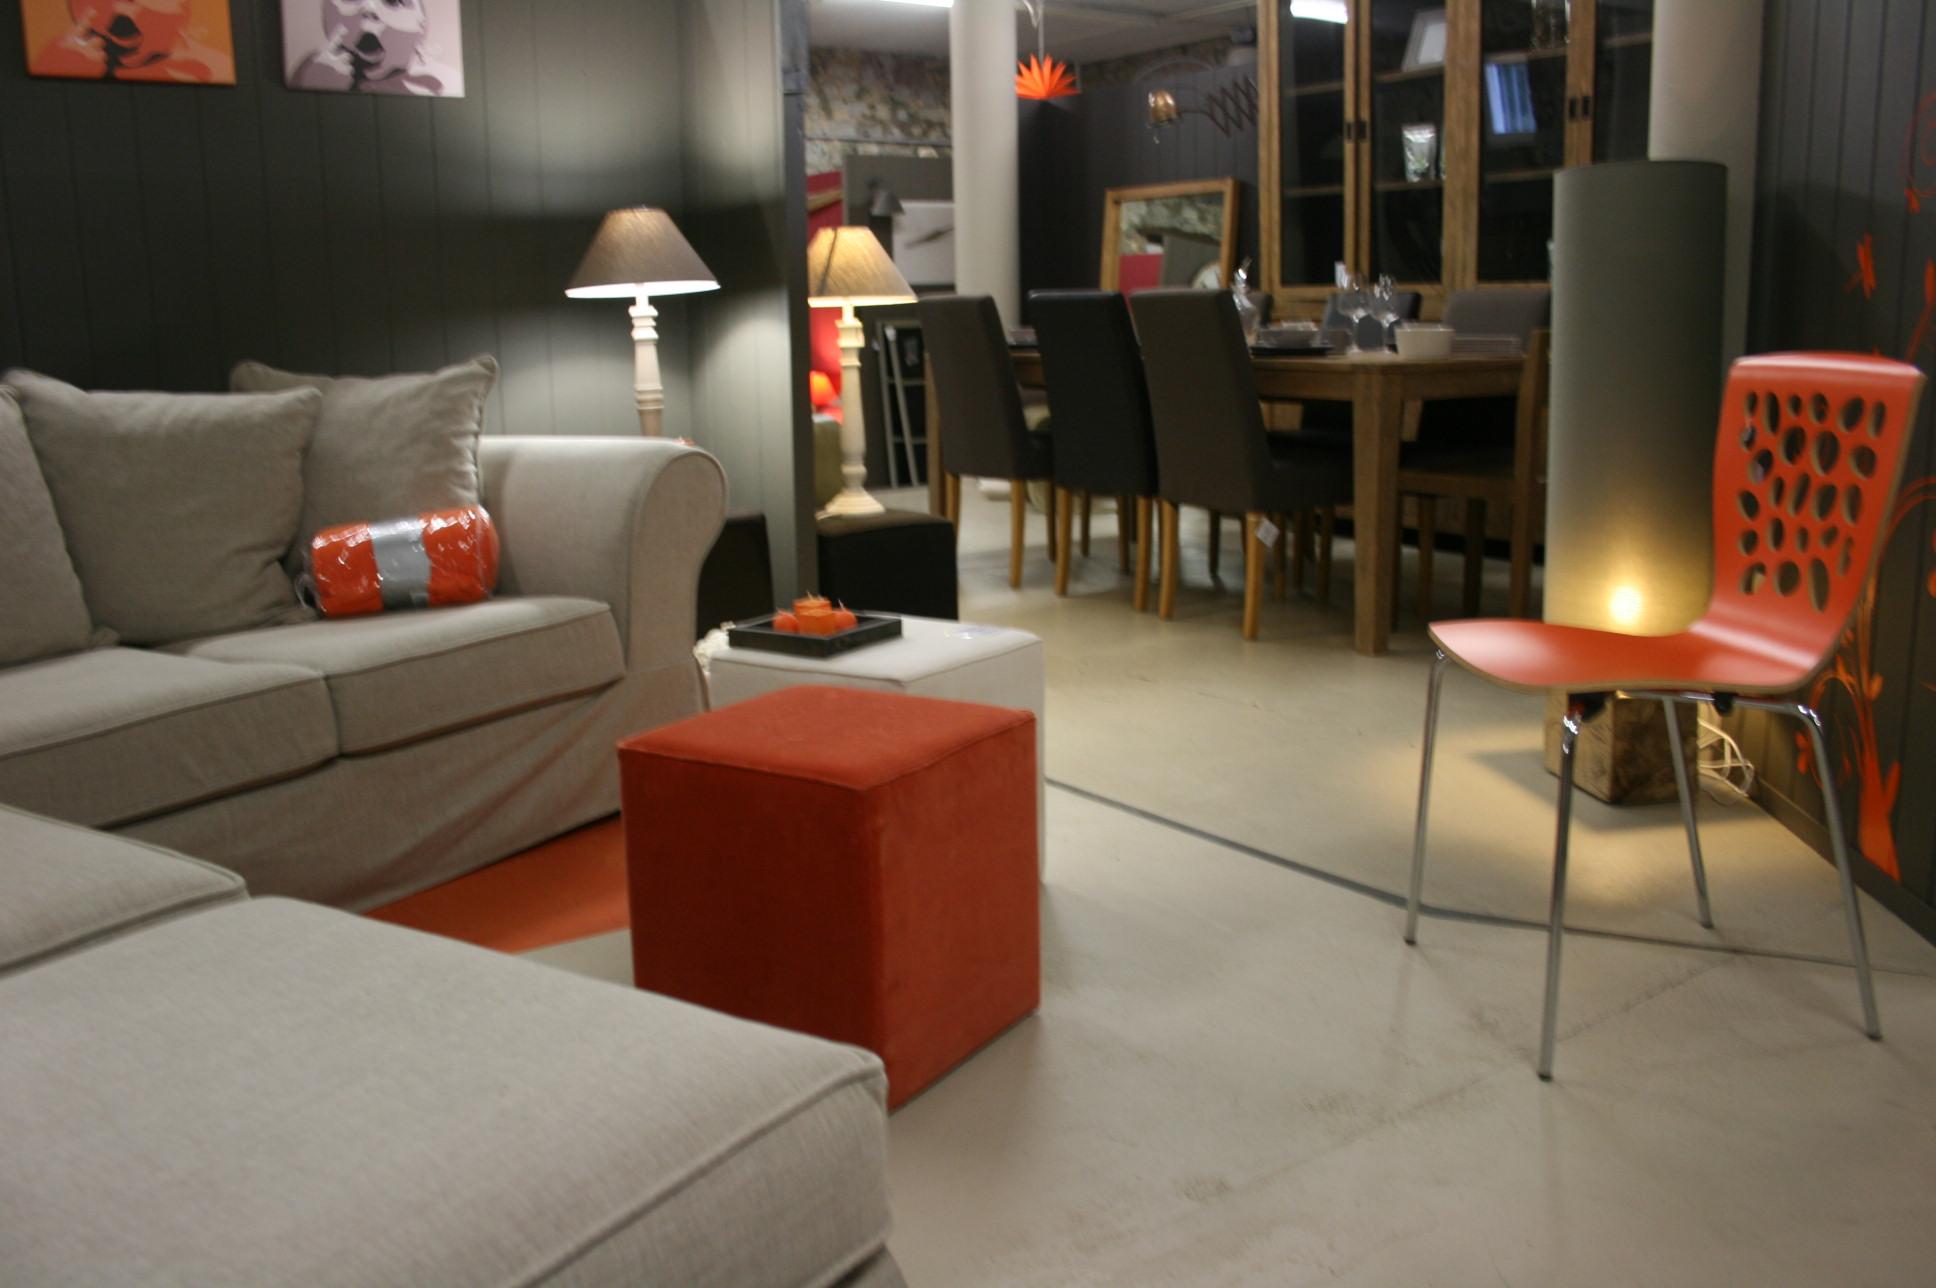 d coration namur belgique d coration d 39 int rieur d coration originale d coration cr ative. Black Bedroom Furniture Sets. Home Design Ideas